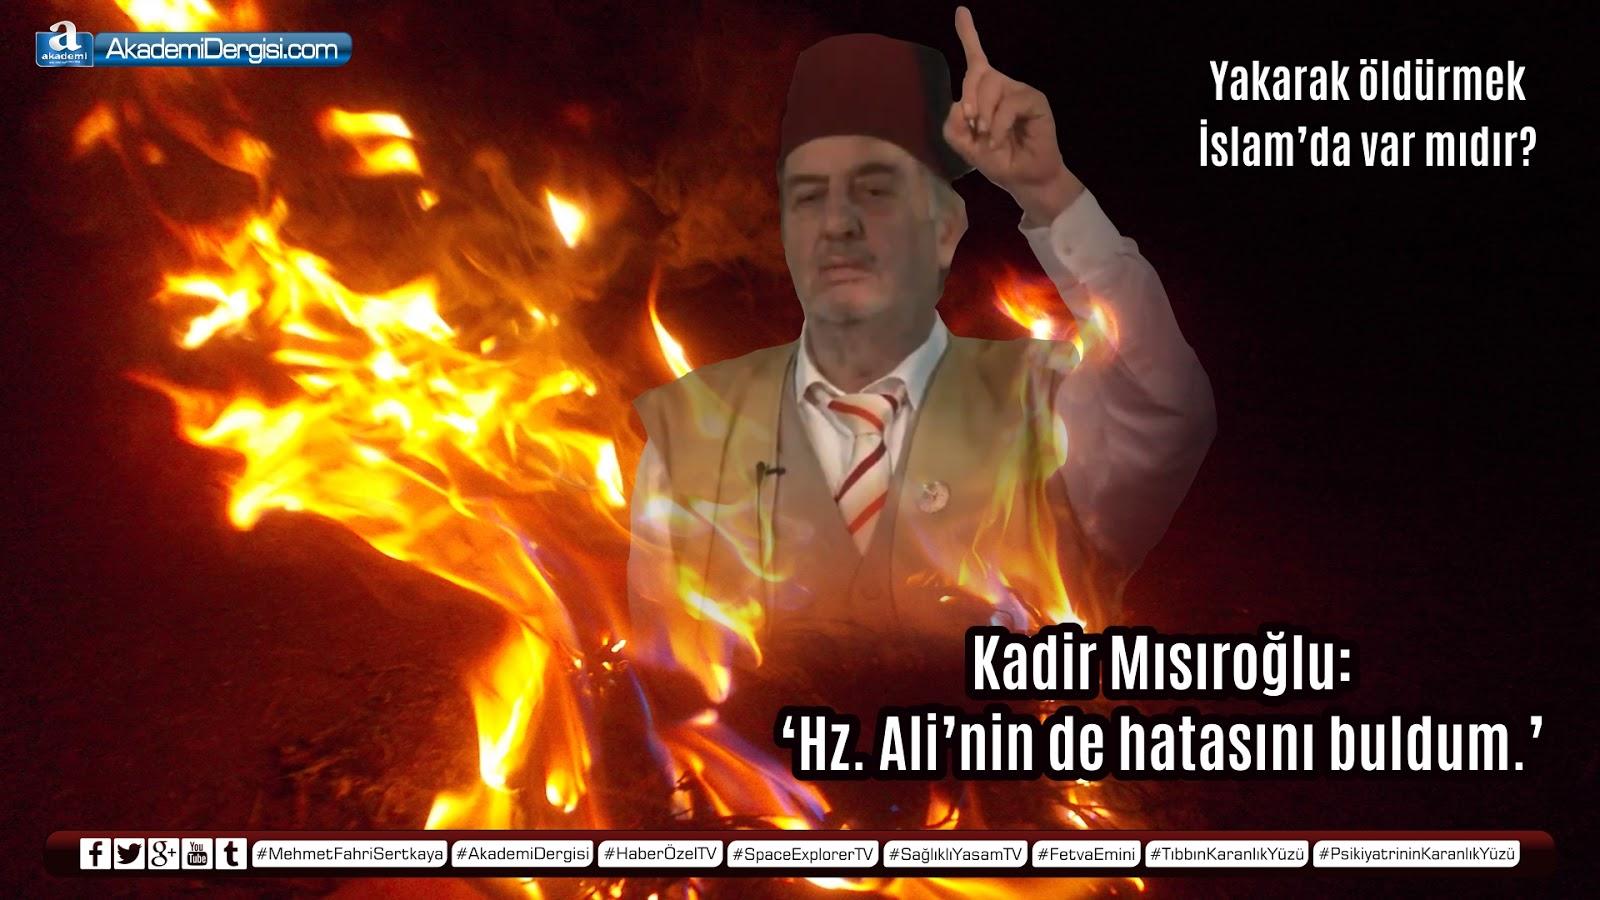 akademi dergisi, Mehmet Fahri Sertkaya, video izle, gerçek yüzü, Kadir Mısıroğlu, hz. ali, ceset yakma, islam tarihi, ashab-ı kiram, peygamber efendimiz, müslüman genç, nifak, süleymancılar,